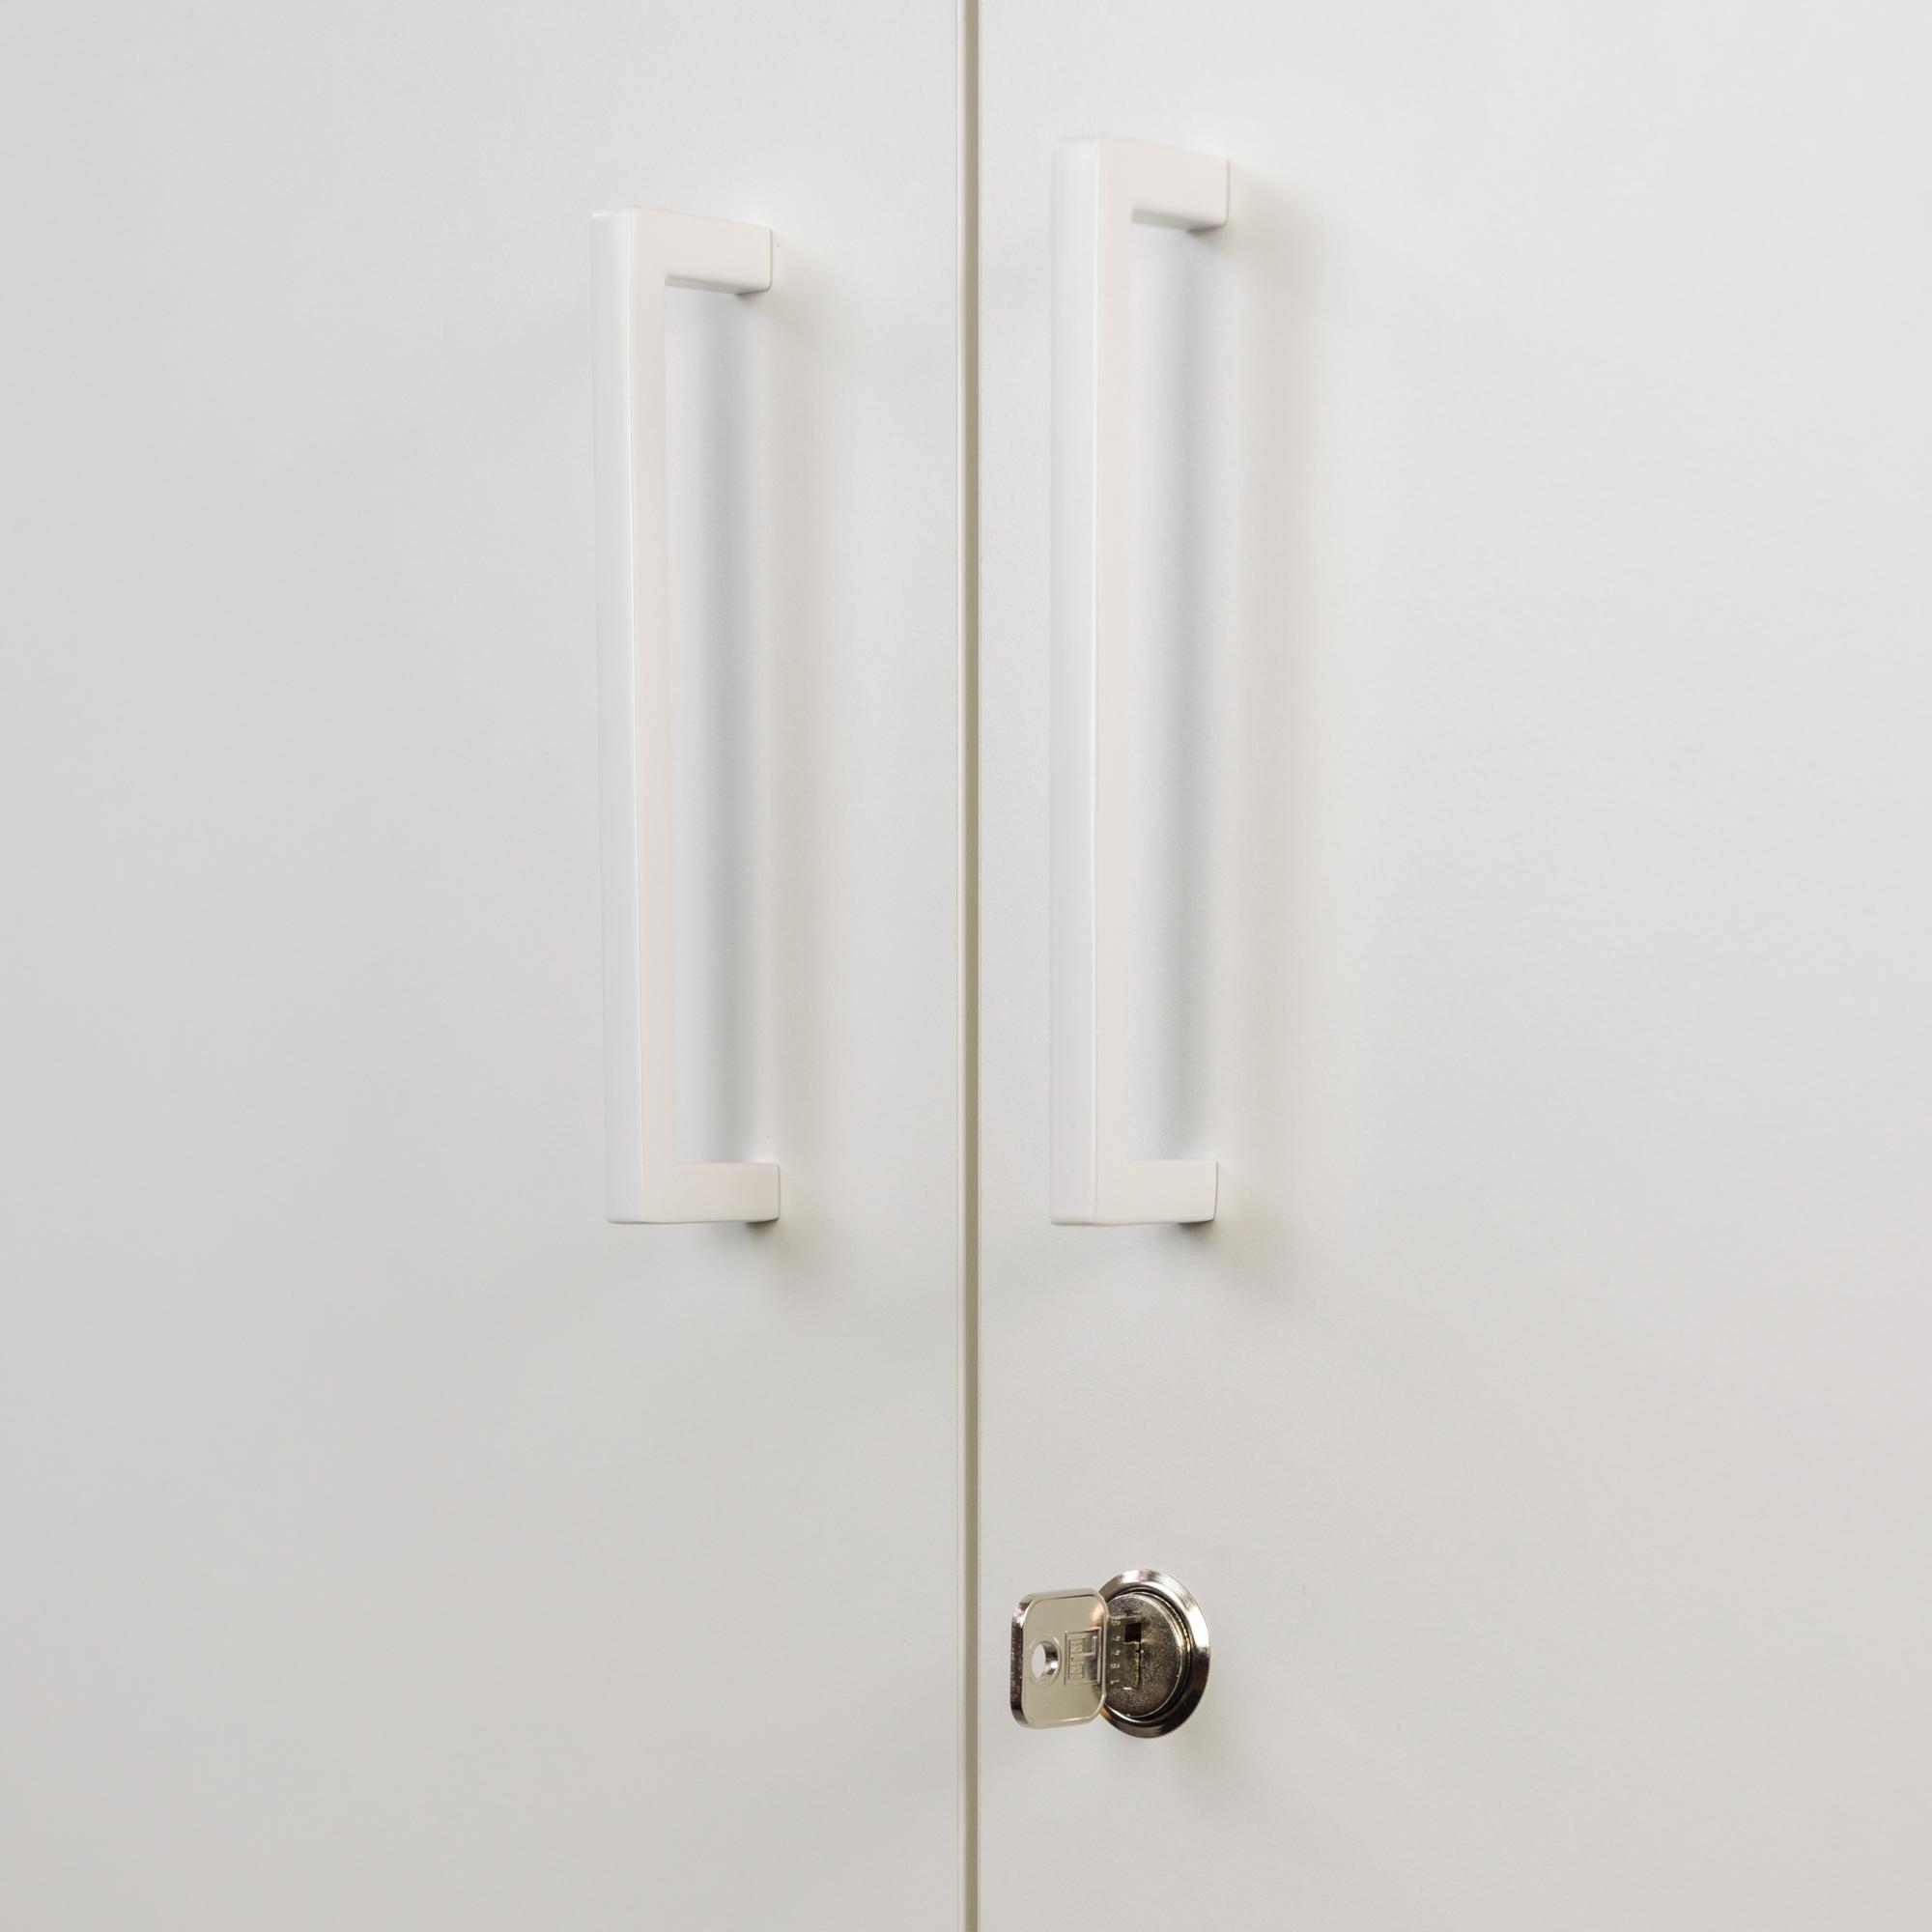 PROFI Schrankwand abschließbar Schrank Büroschrank Flügeltürenschrank Kombischrank 5 OH Weiß